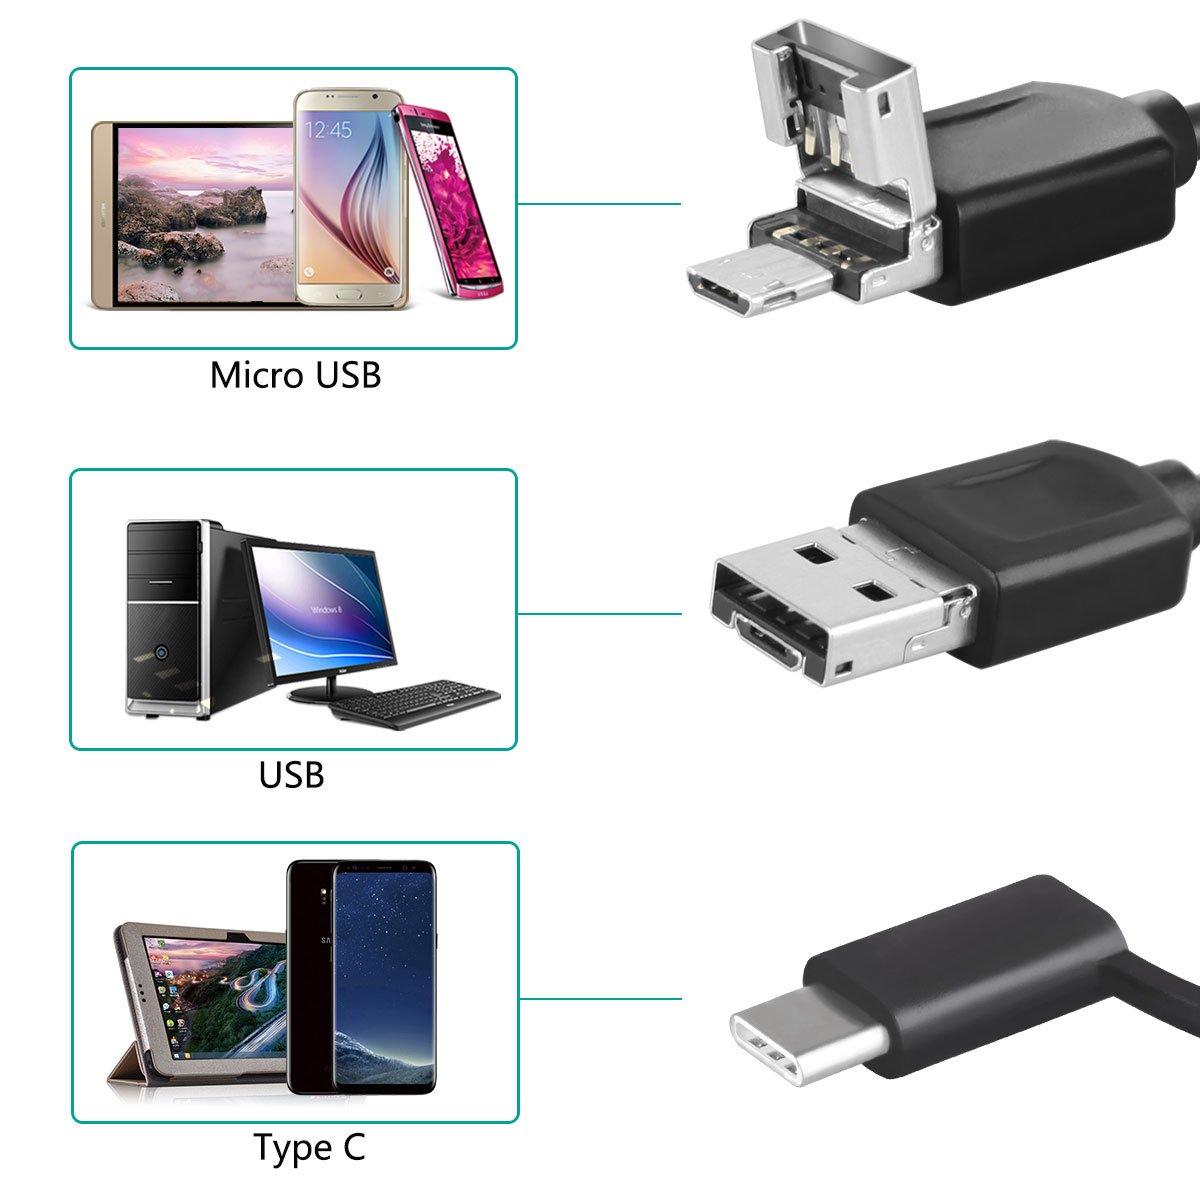 Windows y Mac PC para eliminaci/ón de Earwax 3 en 1 USB Otoscopios oreja Endoscopio Digital Alcance c/ámara de inspecci/ón con Micro USB /& USB-C dispositivos Android